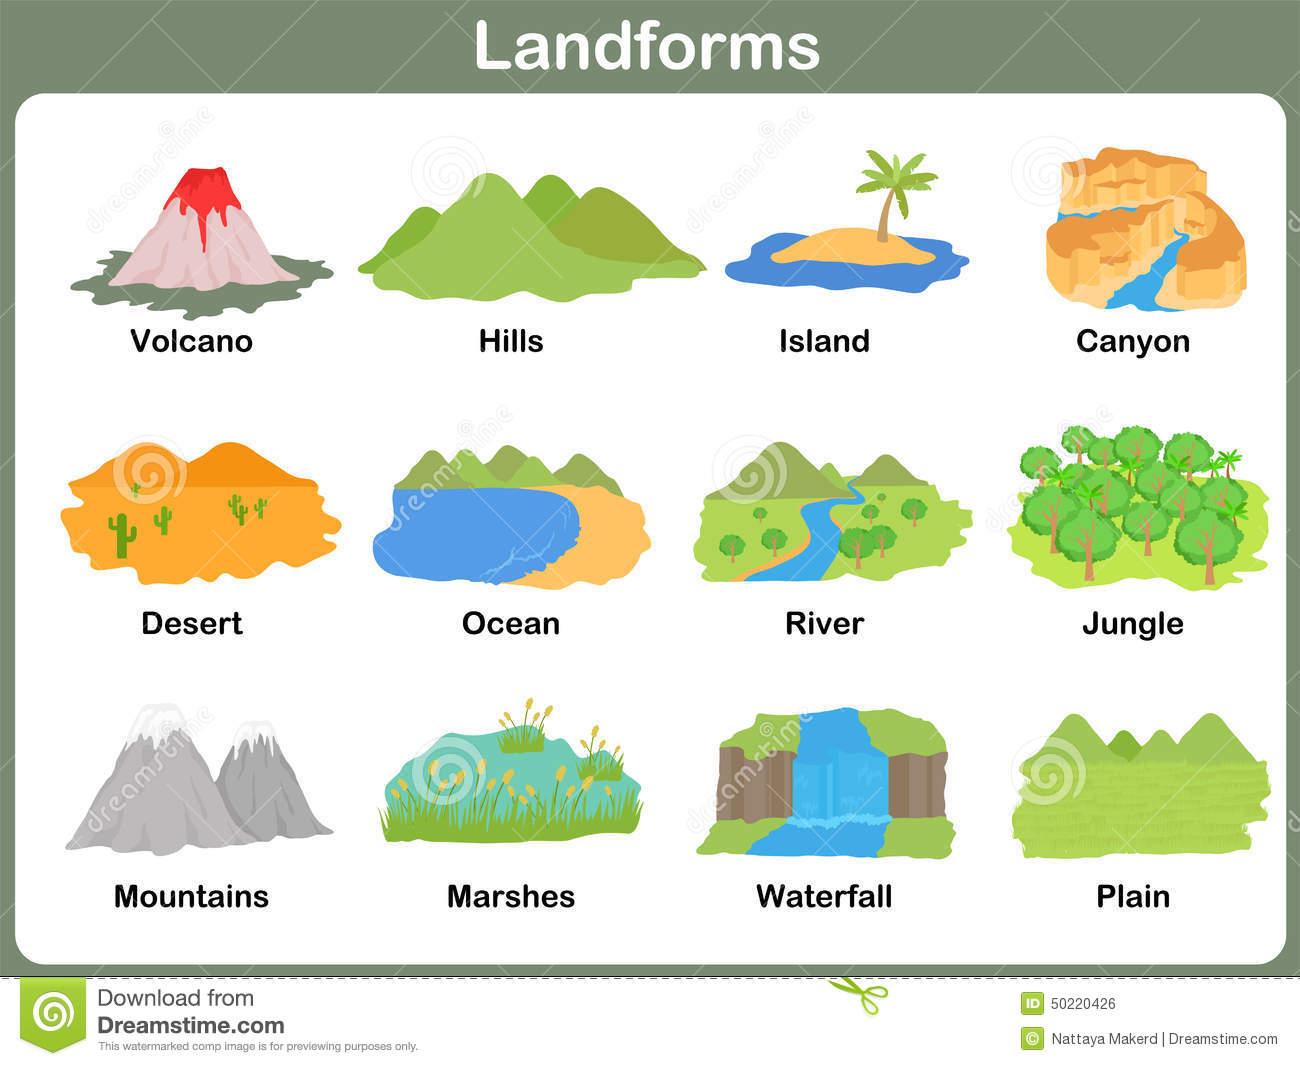 Paisajes Landscapes